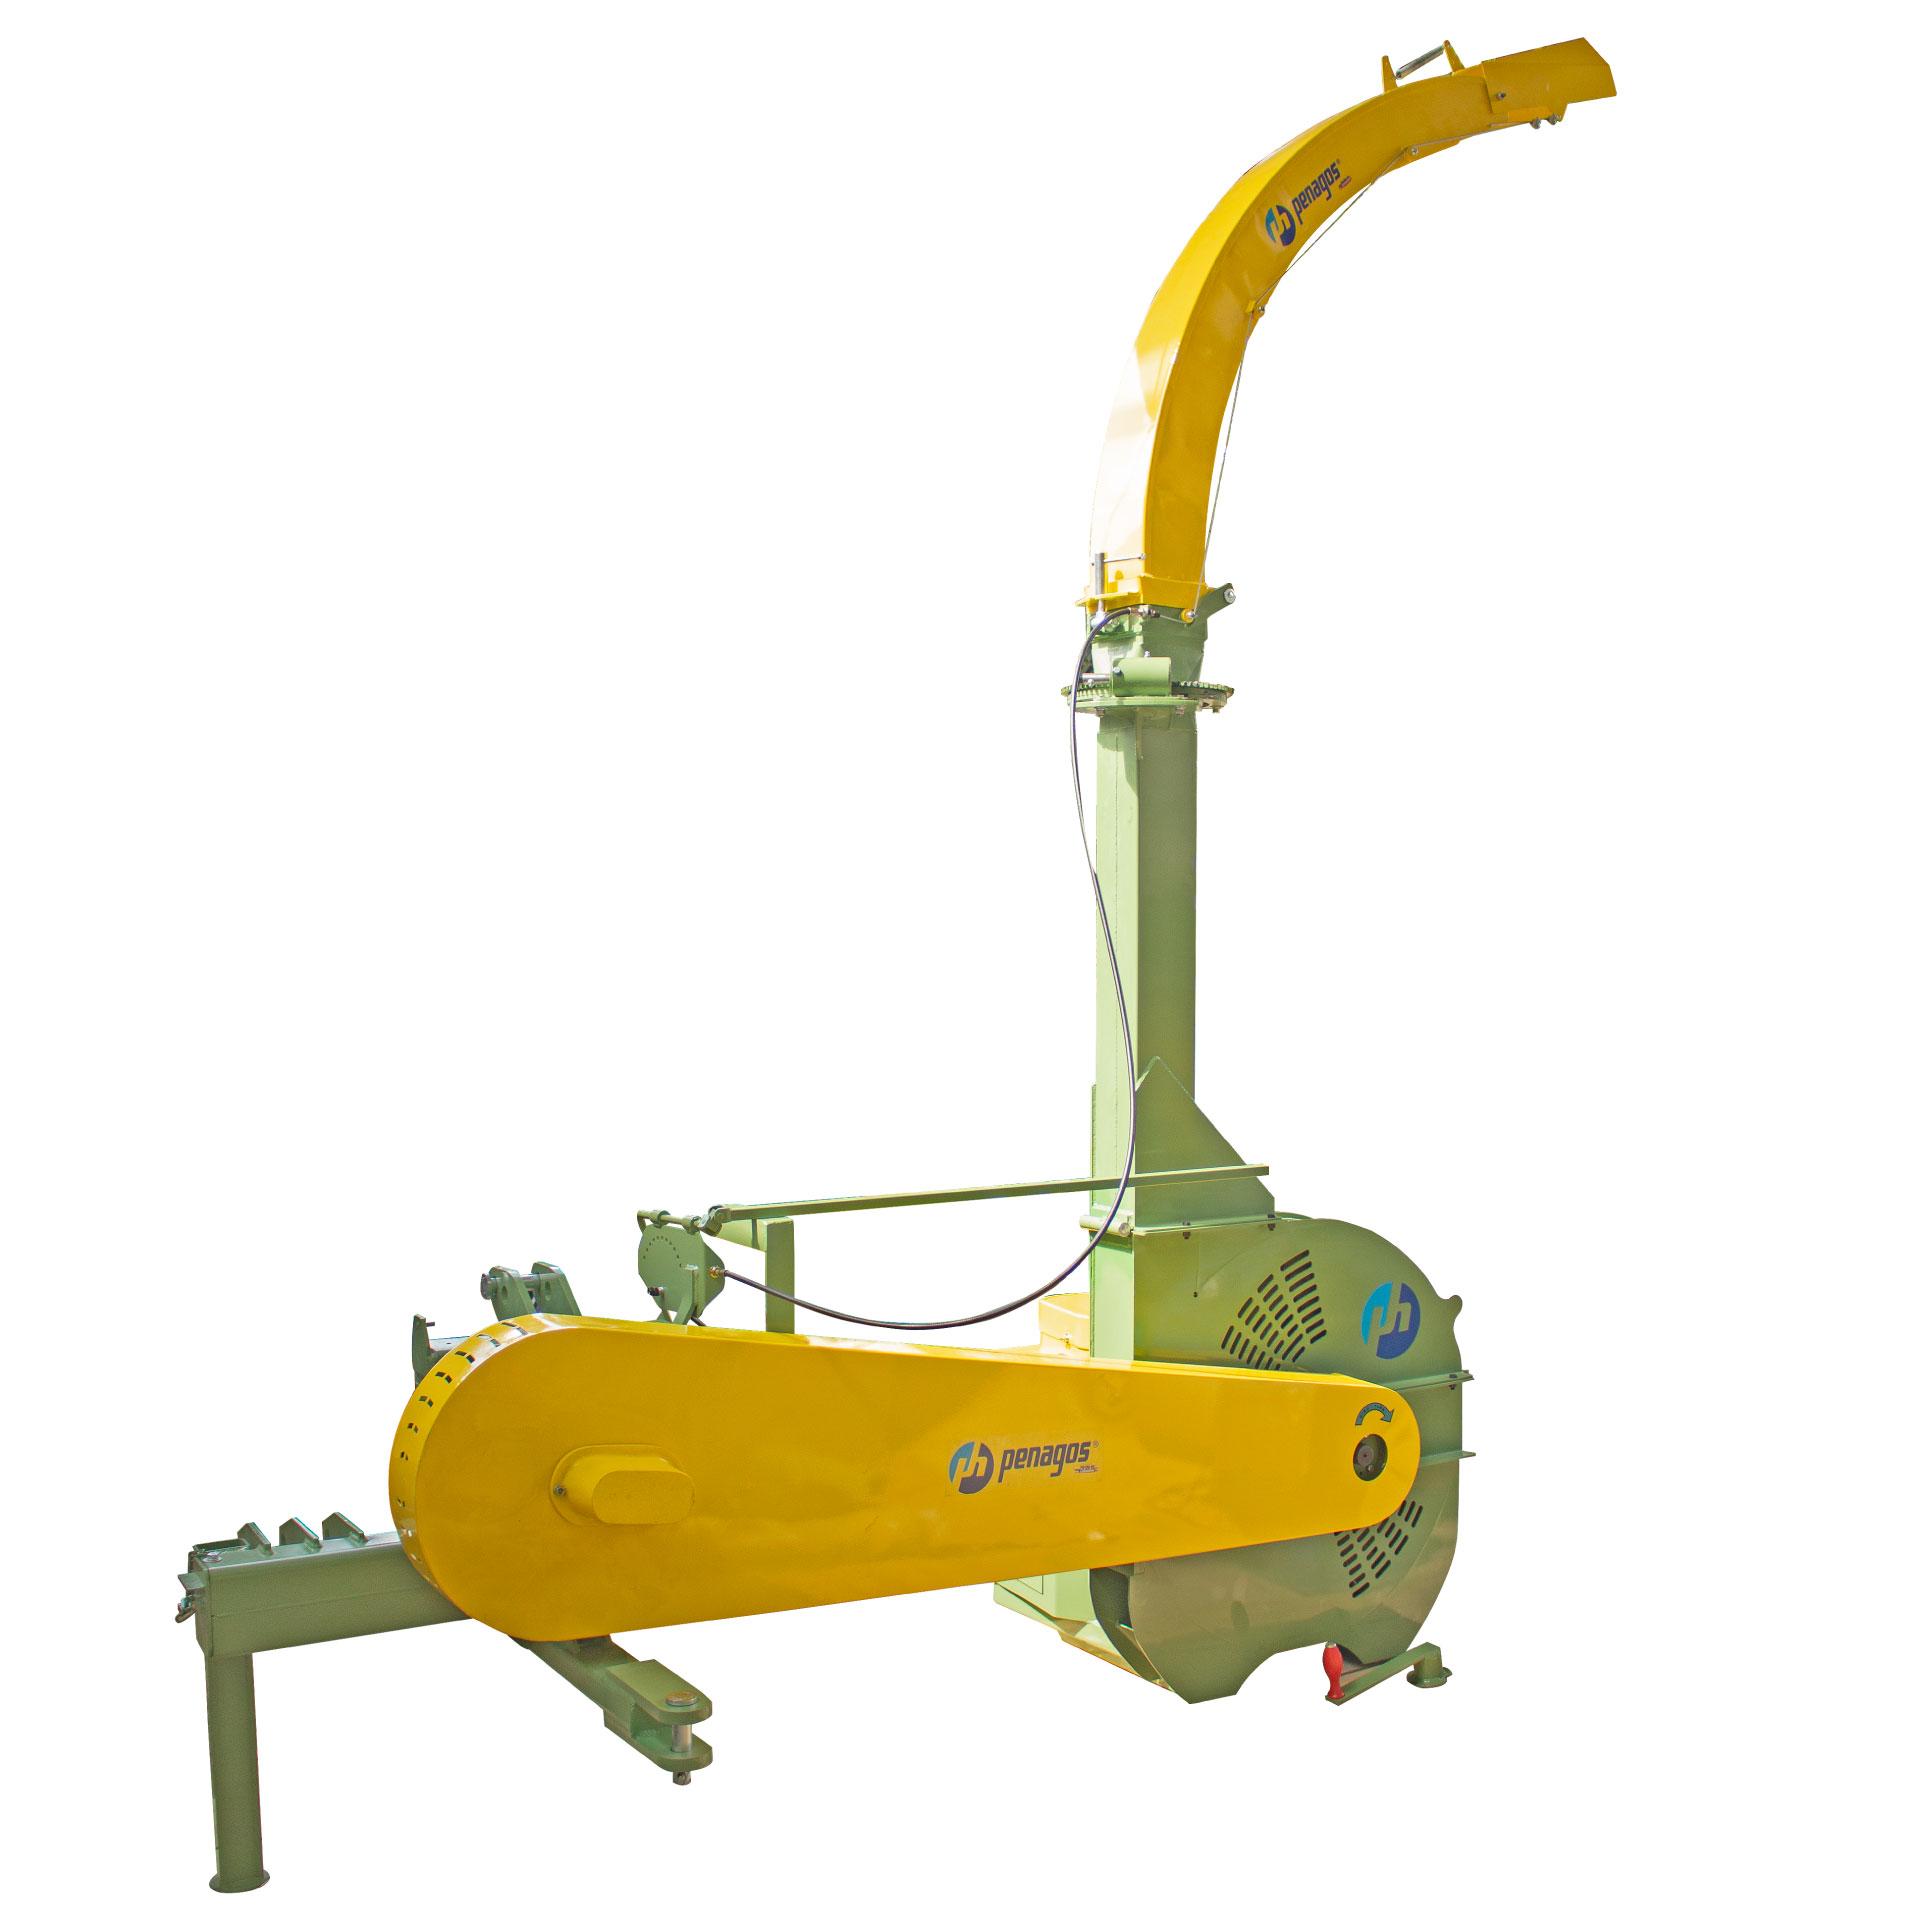 Cosechadora de forrajes cf 20 maquina agricola penagos 3